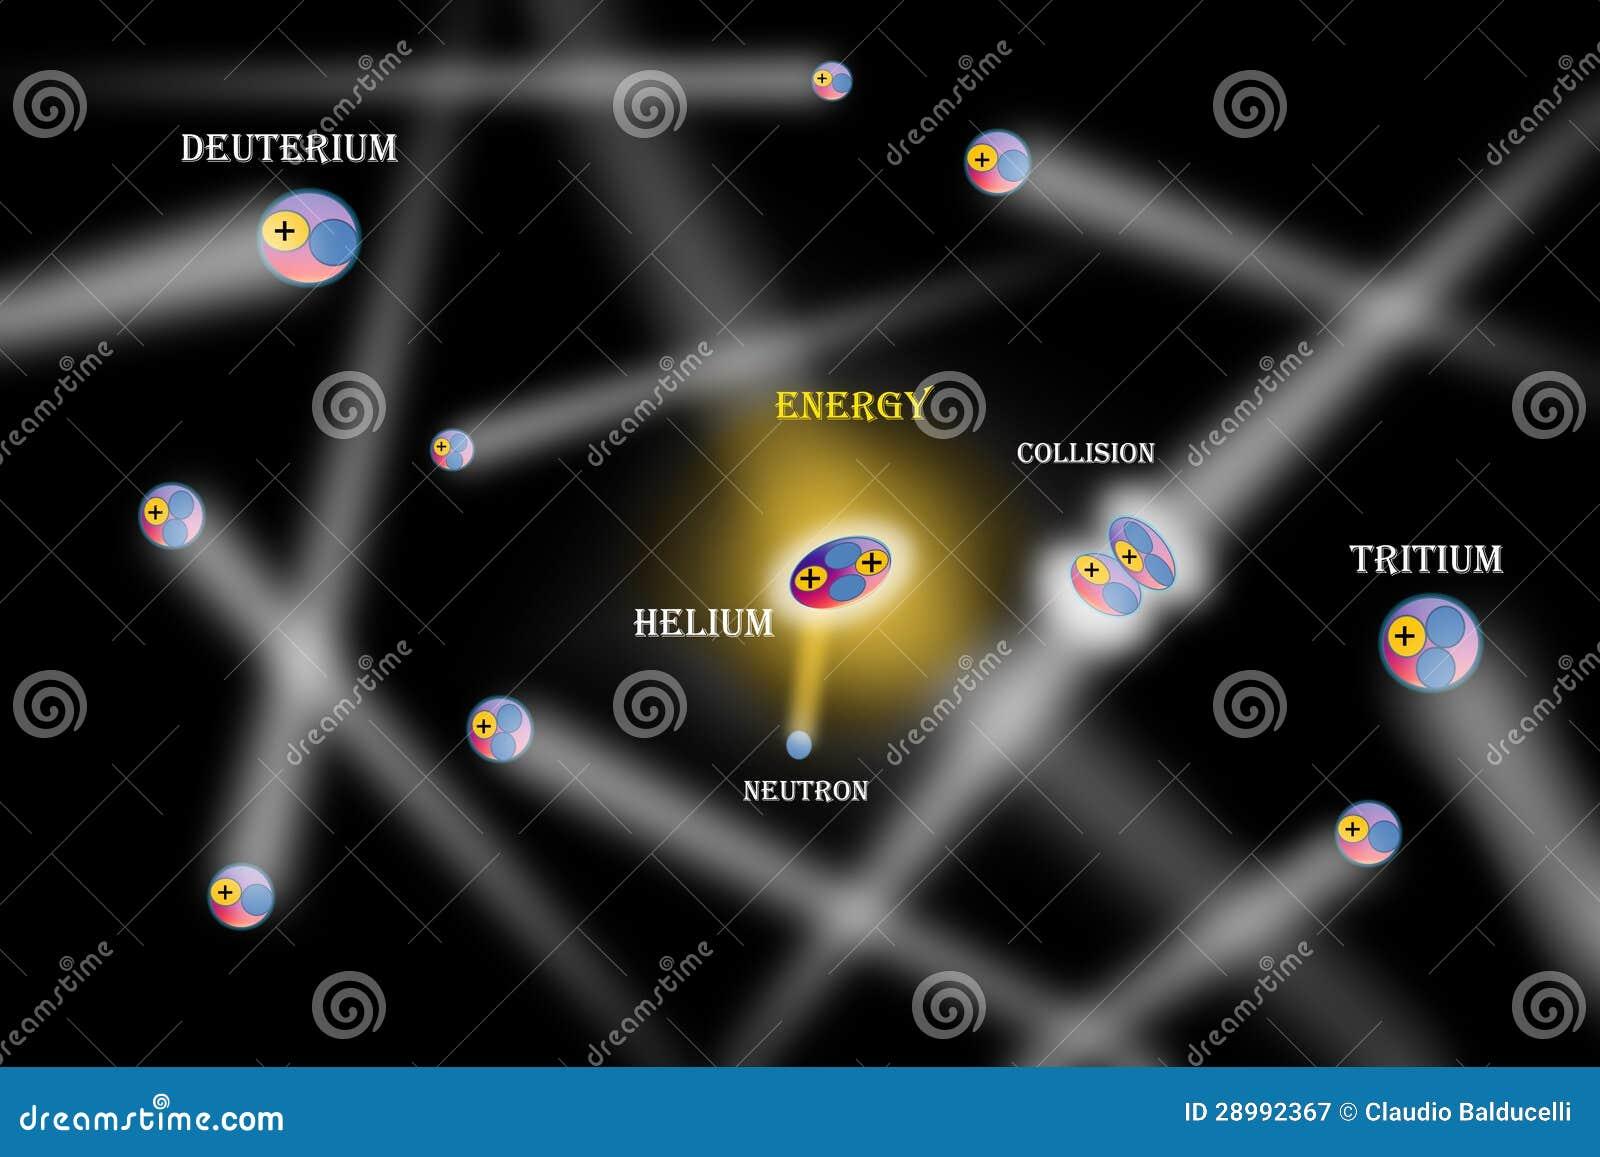 The fusion nuclear rea...